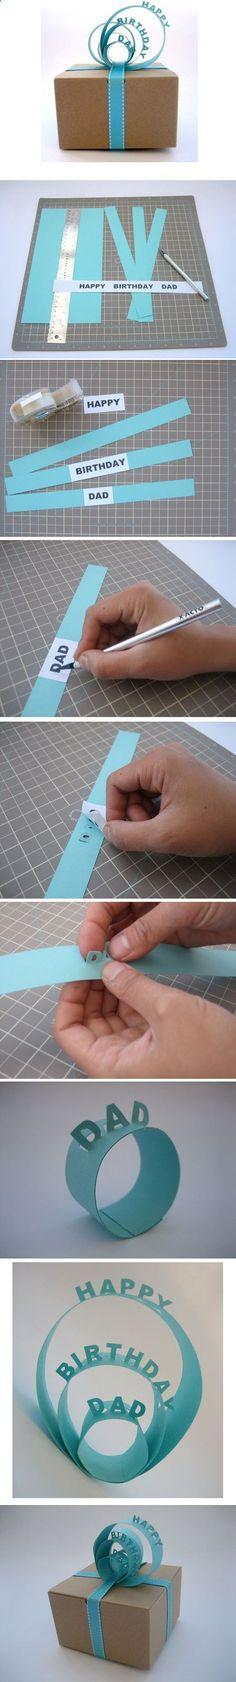 Diese Art der Geschenke-Individualisierung mittels einfacher Pop up-Papierstreifen ist wirklich eine gute Idee!